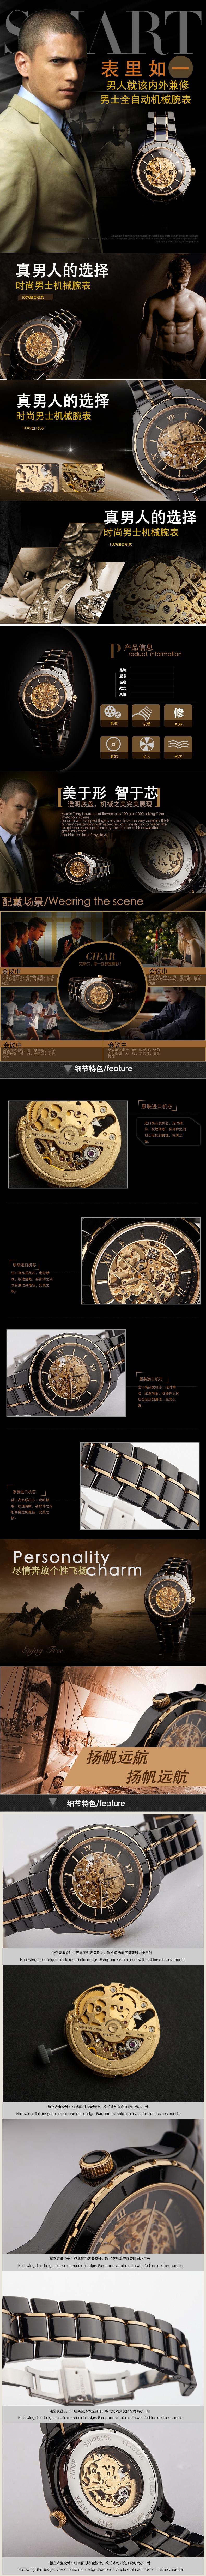 时尚炫酷手表电商详情图